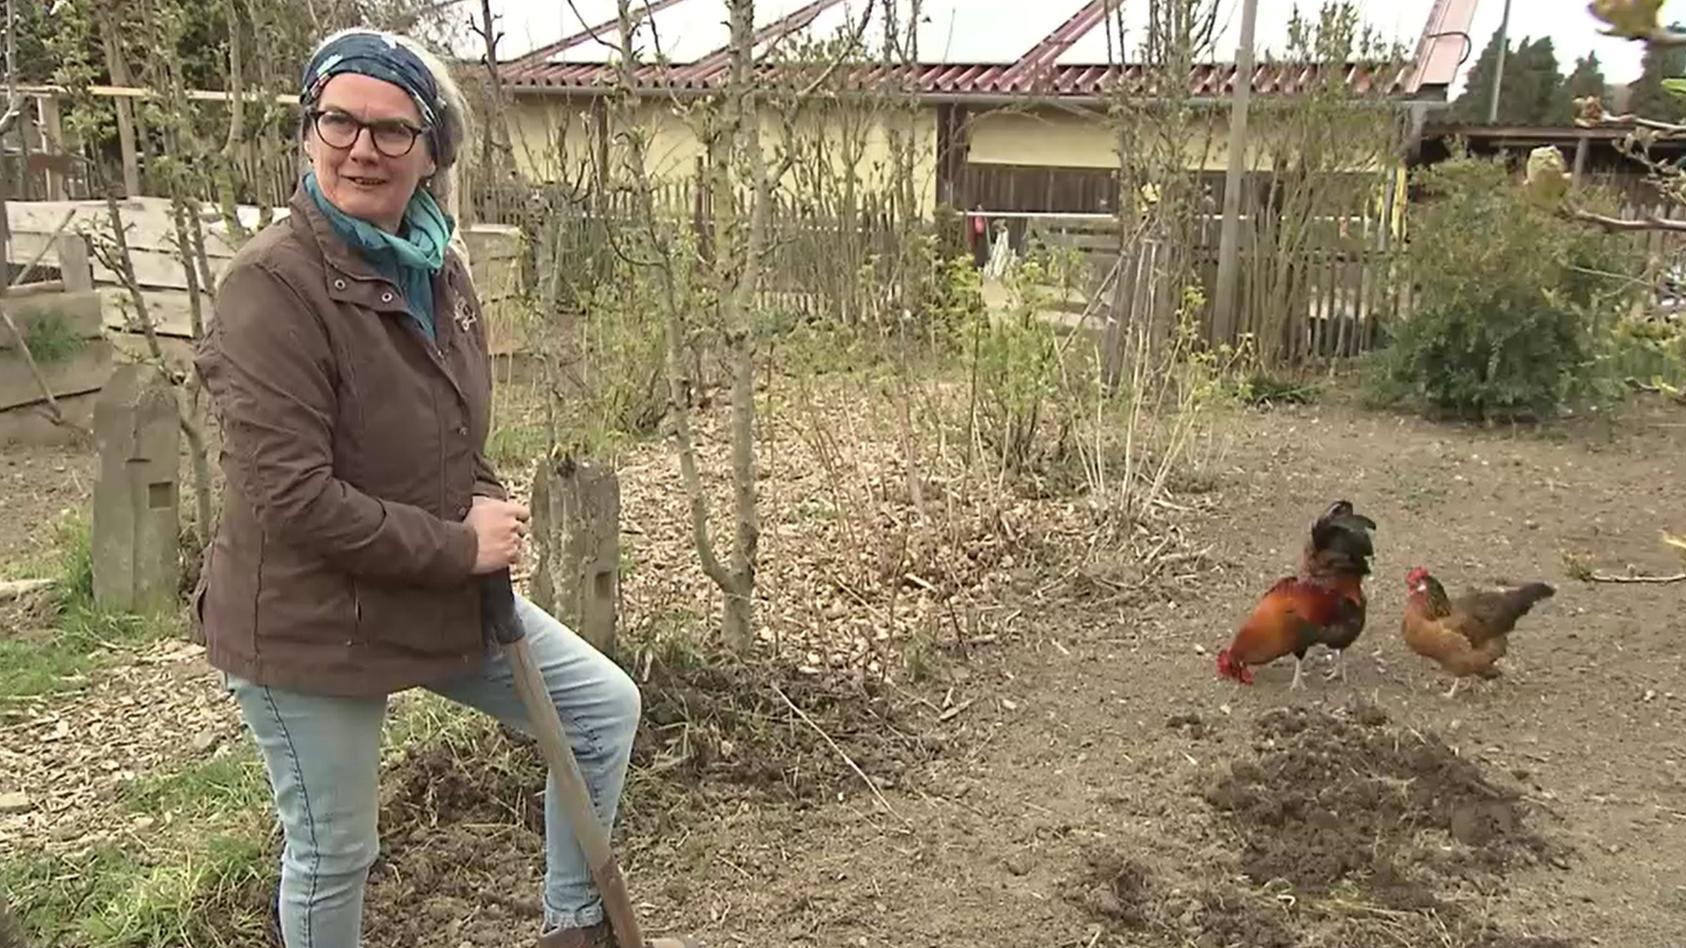 """Frauchen Karin Pfeifer-Rockenfeller muss wegen ihres Hahns """"Meister Eder"""" vor Gericht. Angeblich kräht das Tier zu den falschen Zeiten zu laut."""